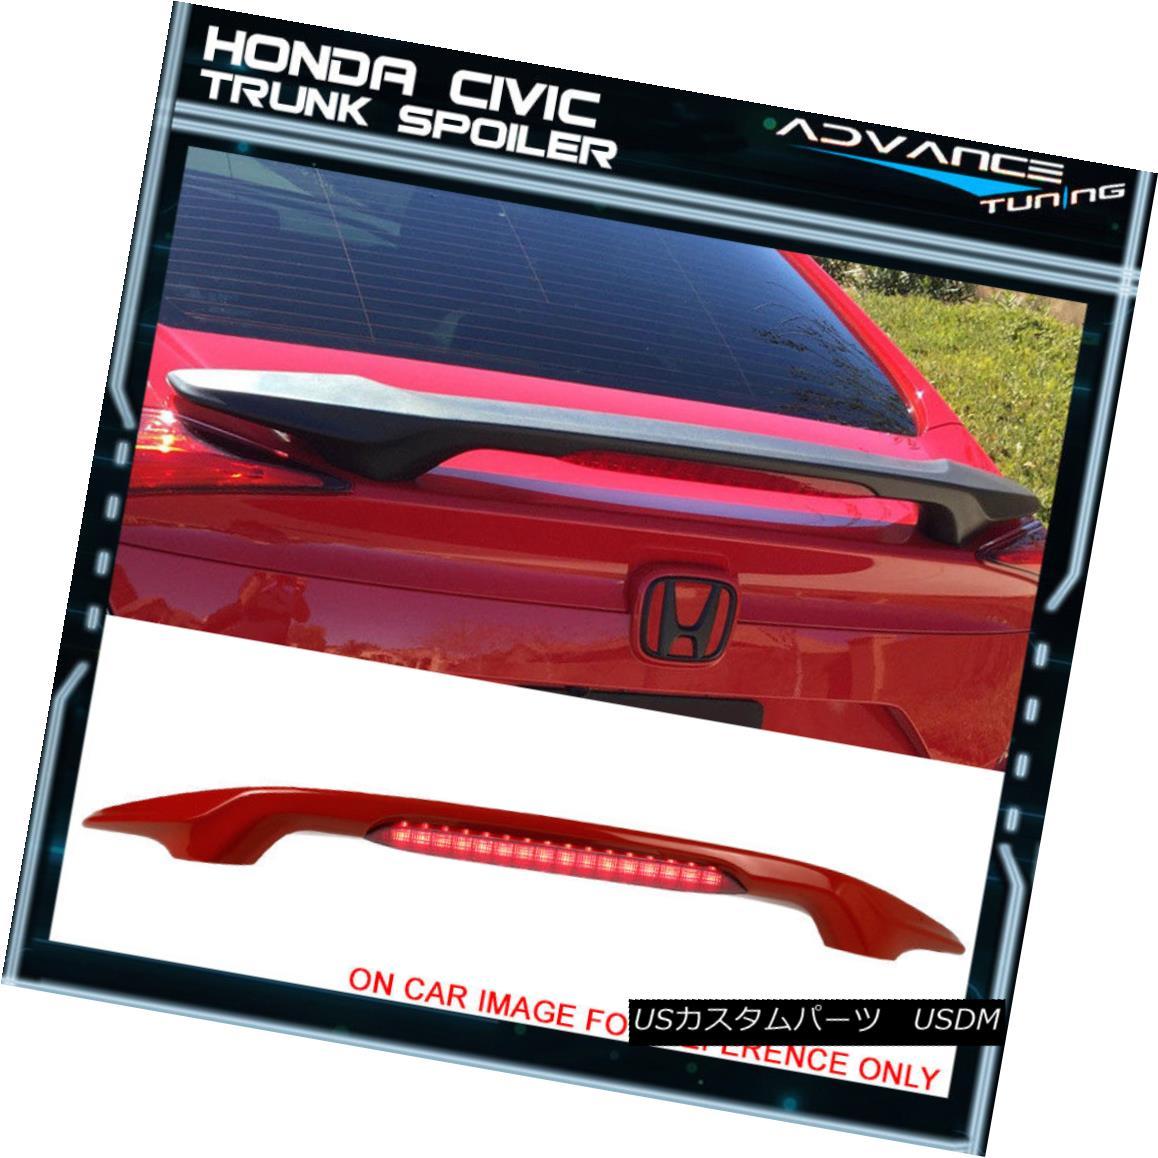 エアロパーツ 16-18 Honda Civic Trunk Spoiler W/ LED Brake Light Painted Rallye Red #R513 16-18ホンダシビックトランク・スポイラーW / LEDブレーキライト・ラリー・レッド#R513